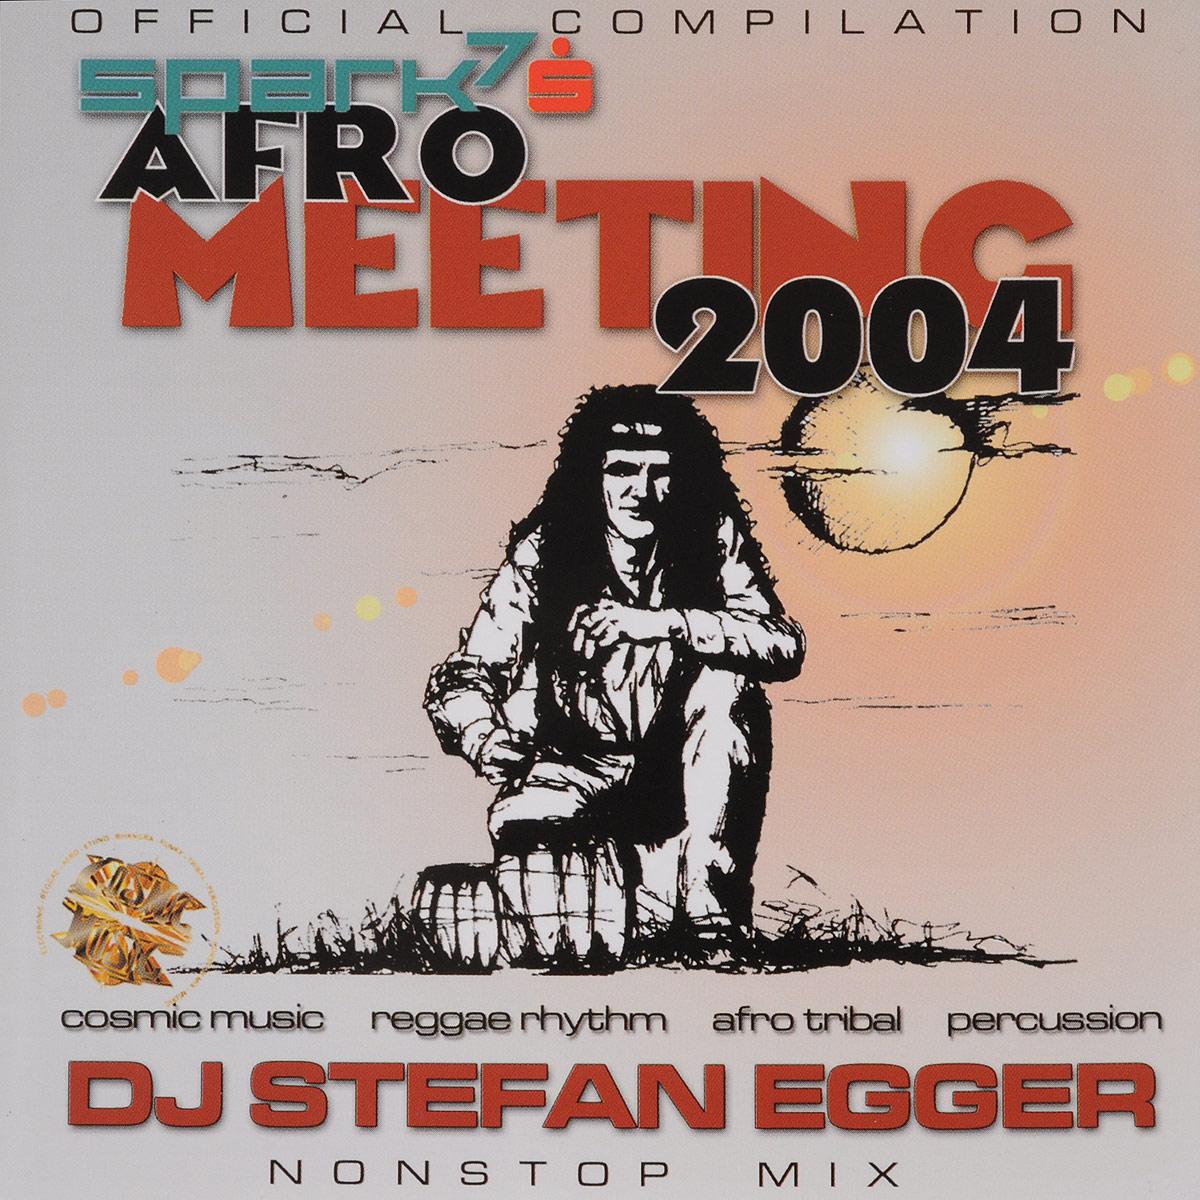 лучшая цена Stefan Egger / DJ Stefan Egger Dj Stefan Egger. Afro Meeting Nr. 17/2004